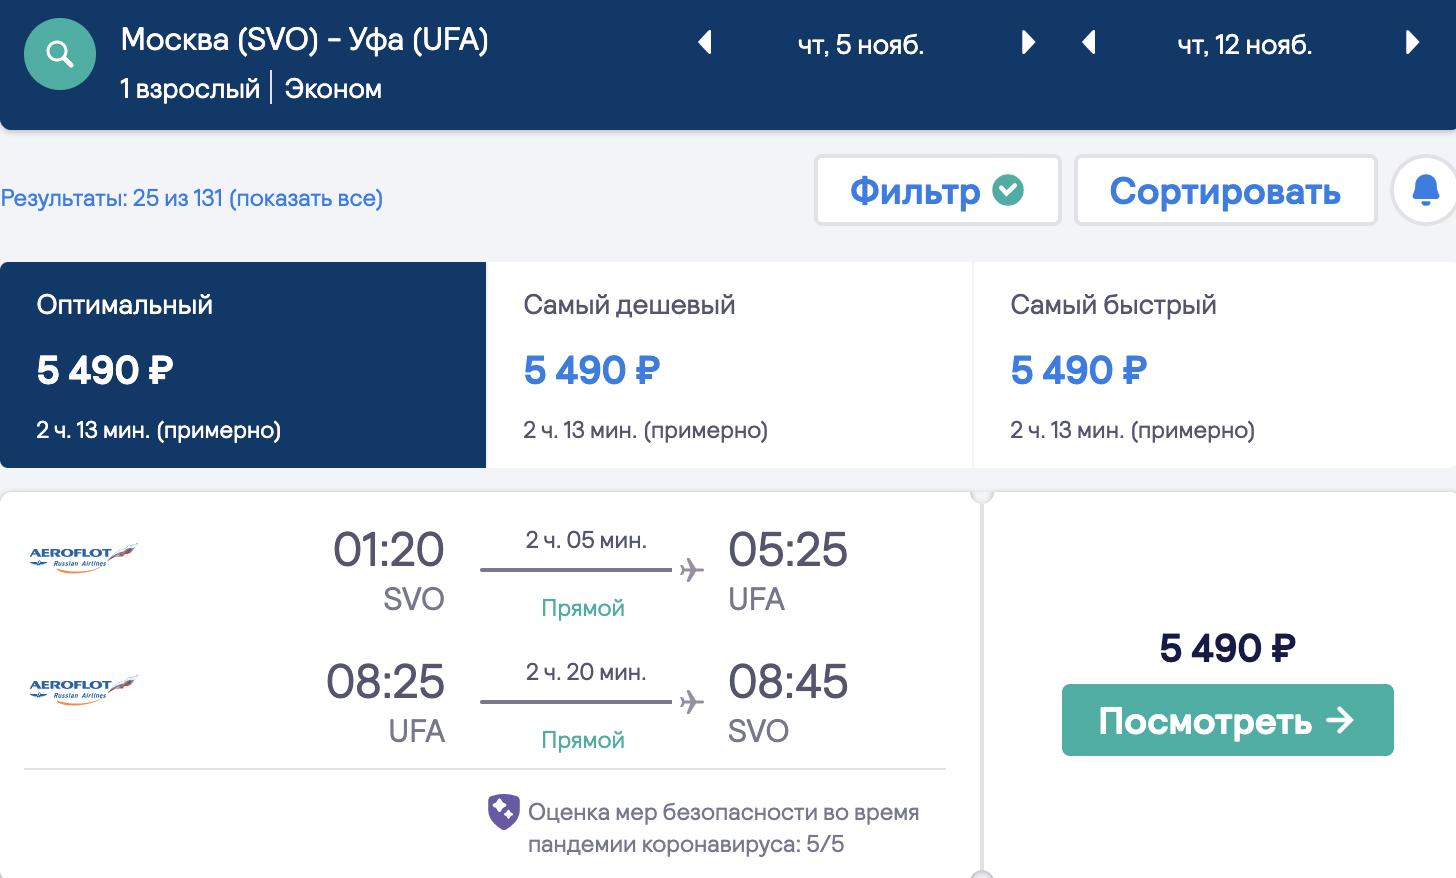 Аэрофлот обновил хит-тарифы: из Мск в Екатеринбург, Пермь, Уфу от 5000₽ туда-обратно и др направления